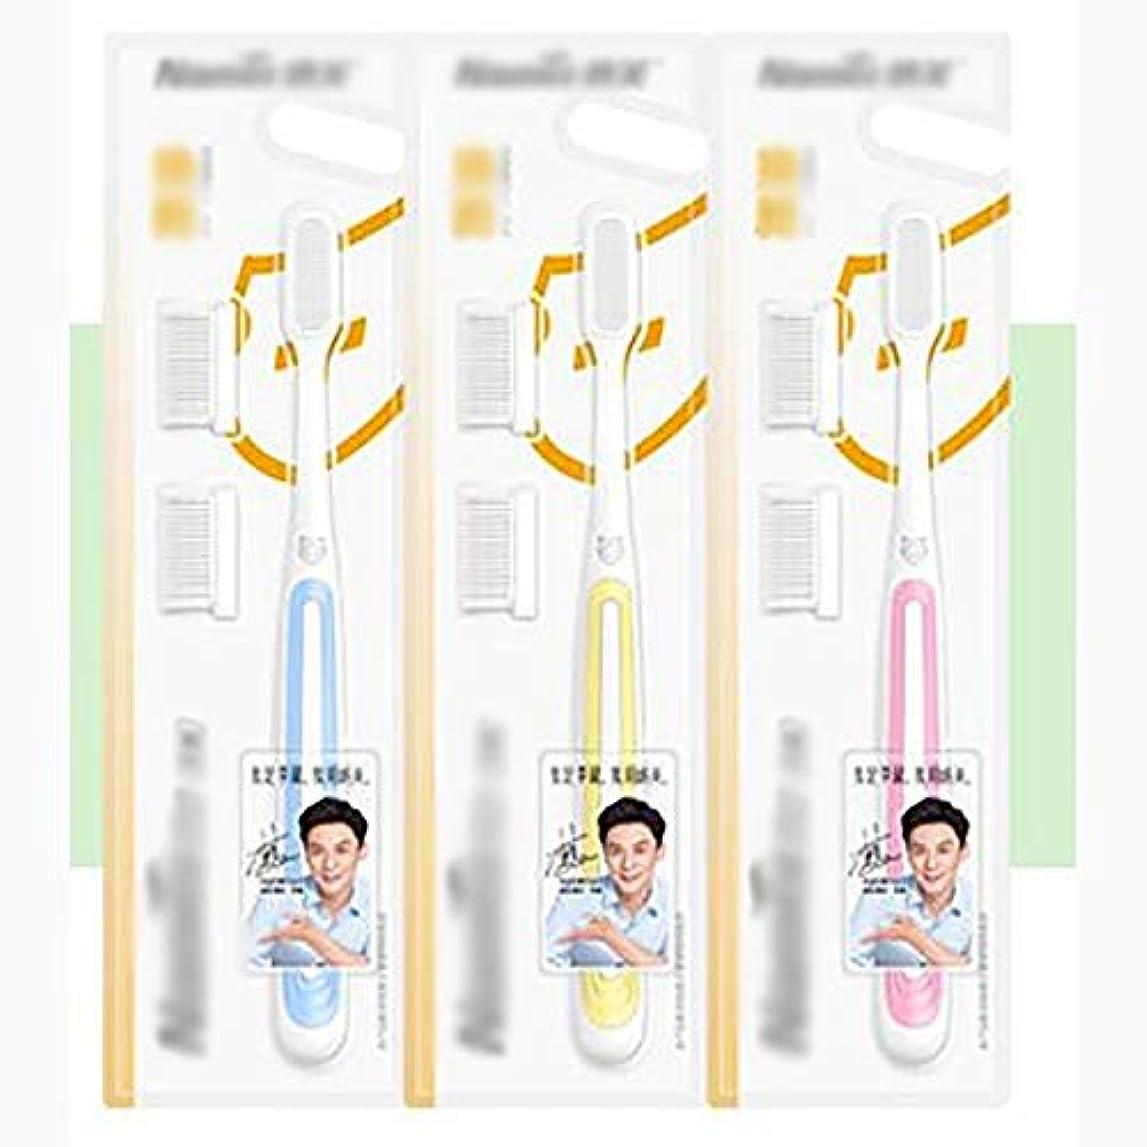 取り除く潤滑する計画的ナノナノソフト髪大人歯ブラシ、クリーン歯ブラシ家族旅行9パック